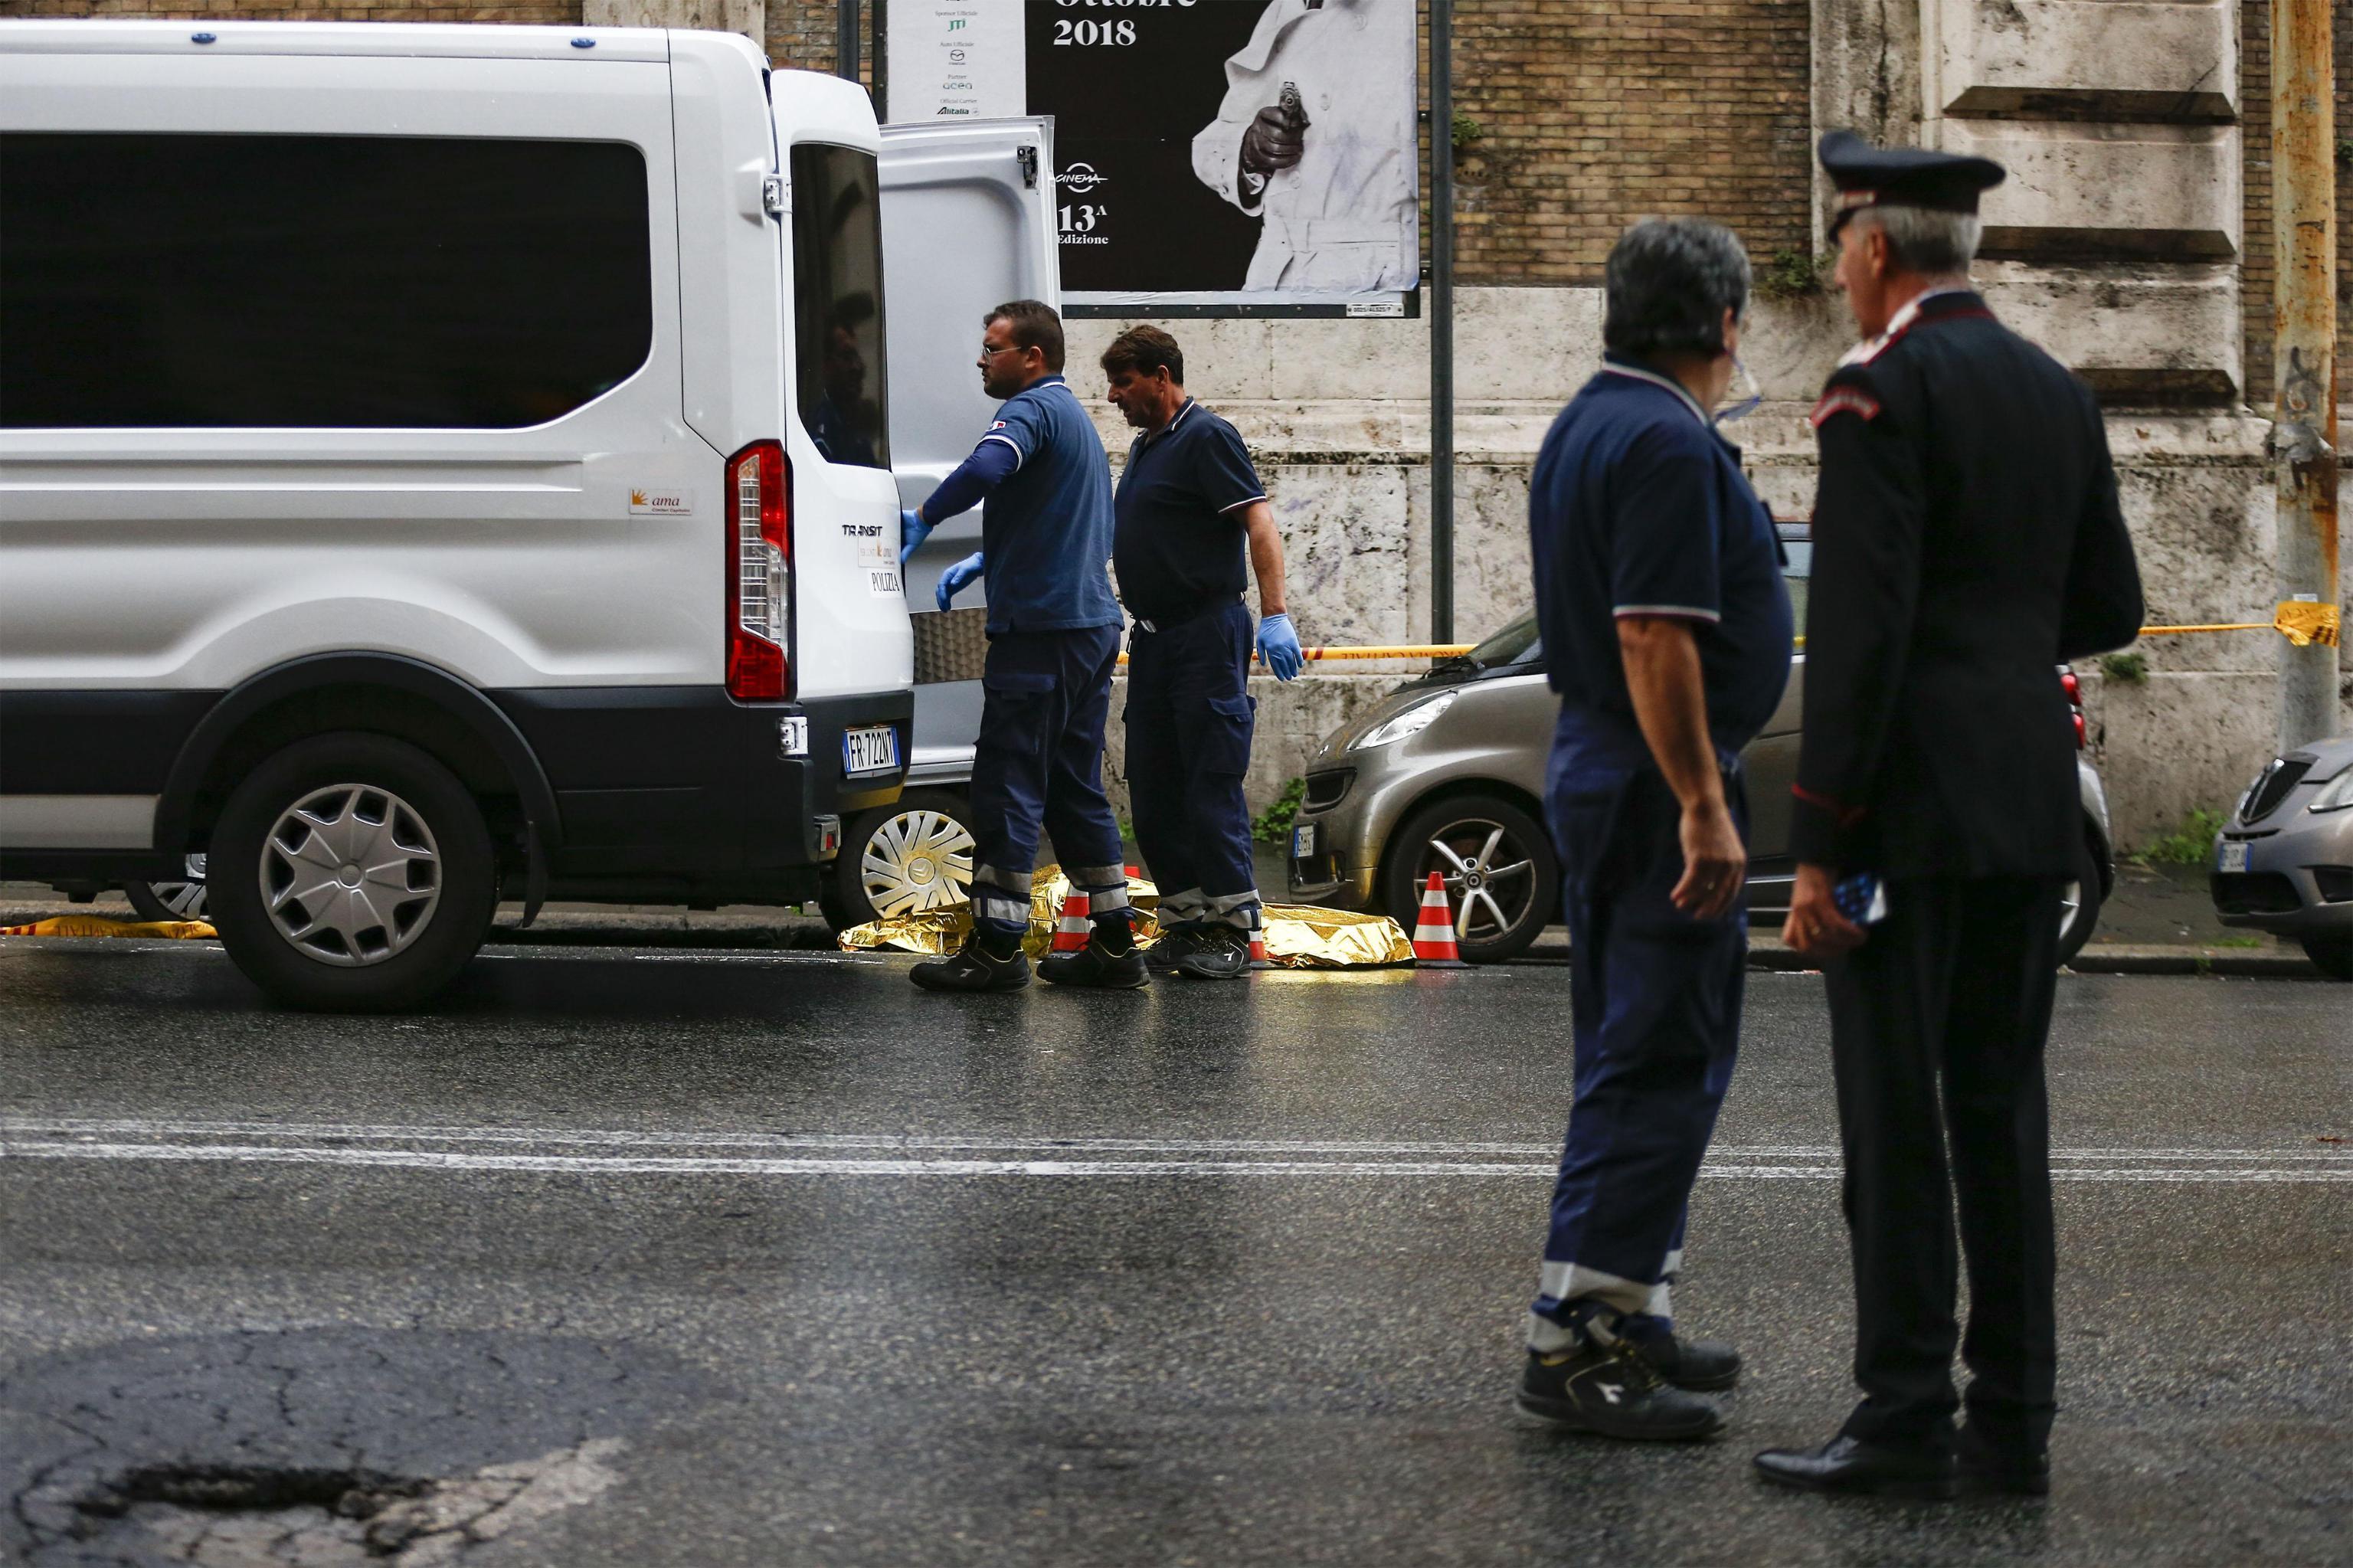 Travolto e ucciso da un bus turistico in centro a Roma, attraversava sulle strisce